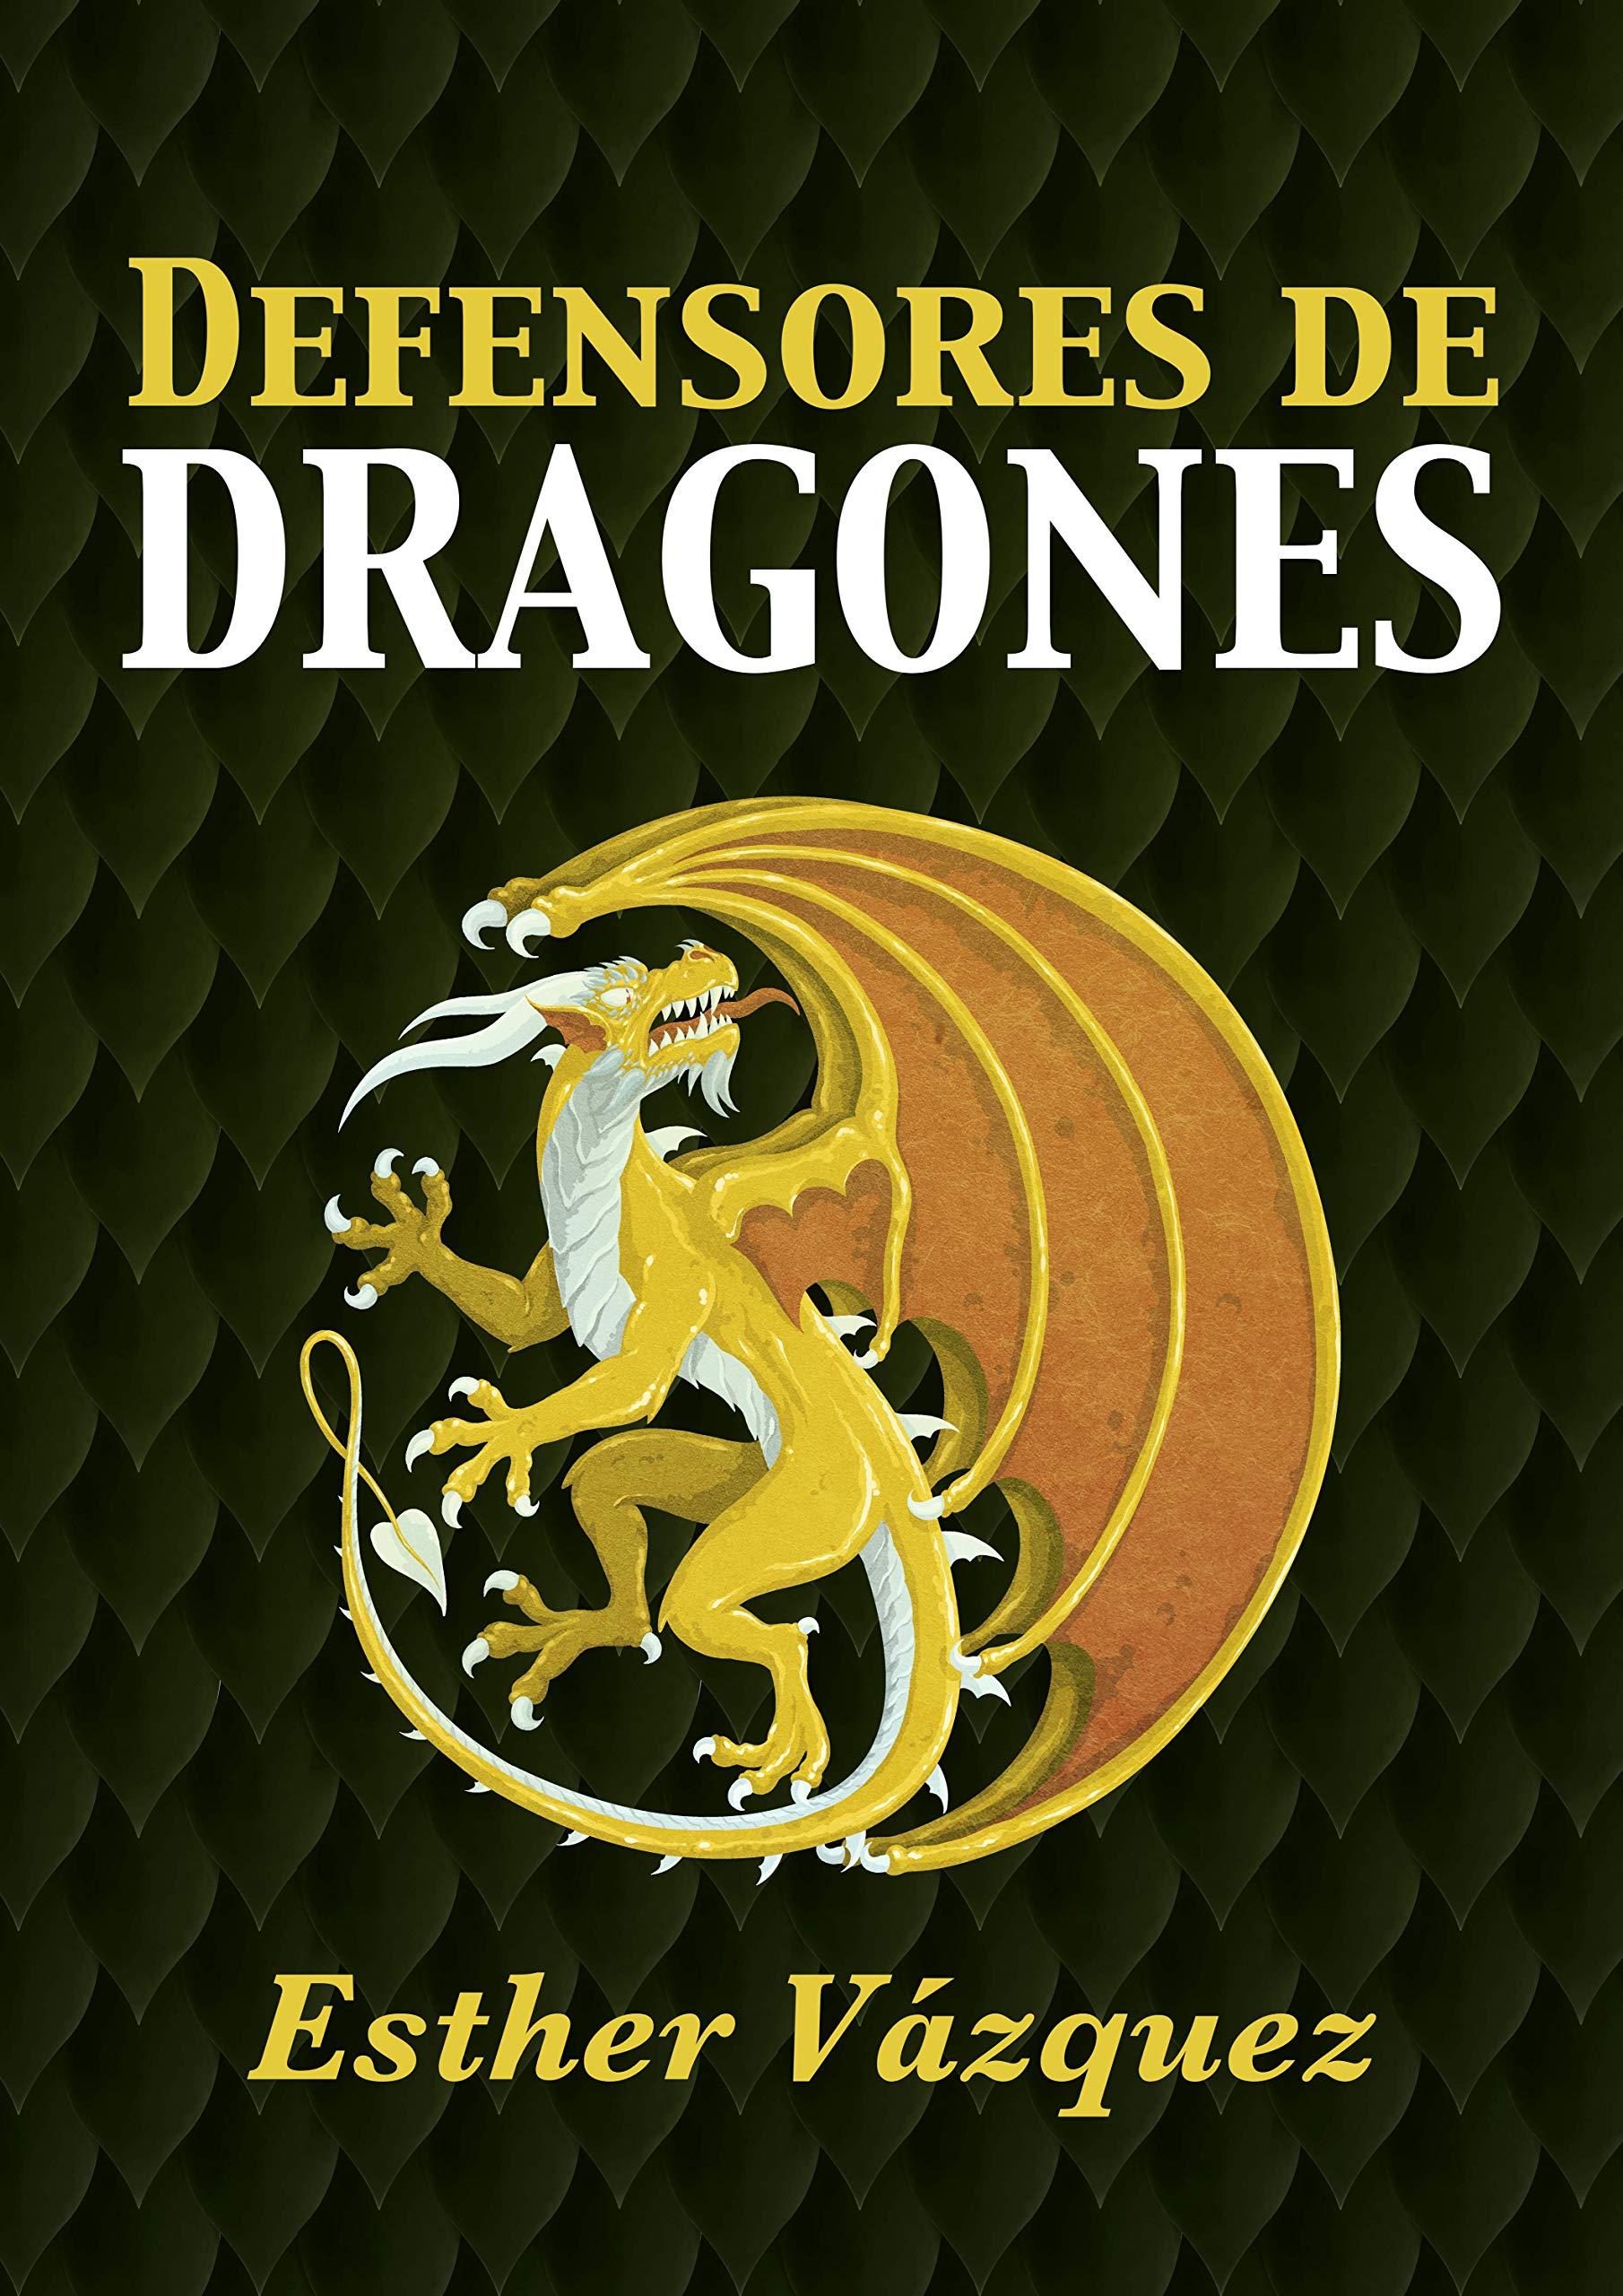 Defensores de Dragones por Esther Vázquez